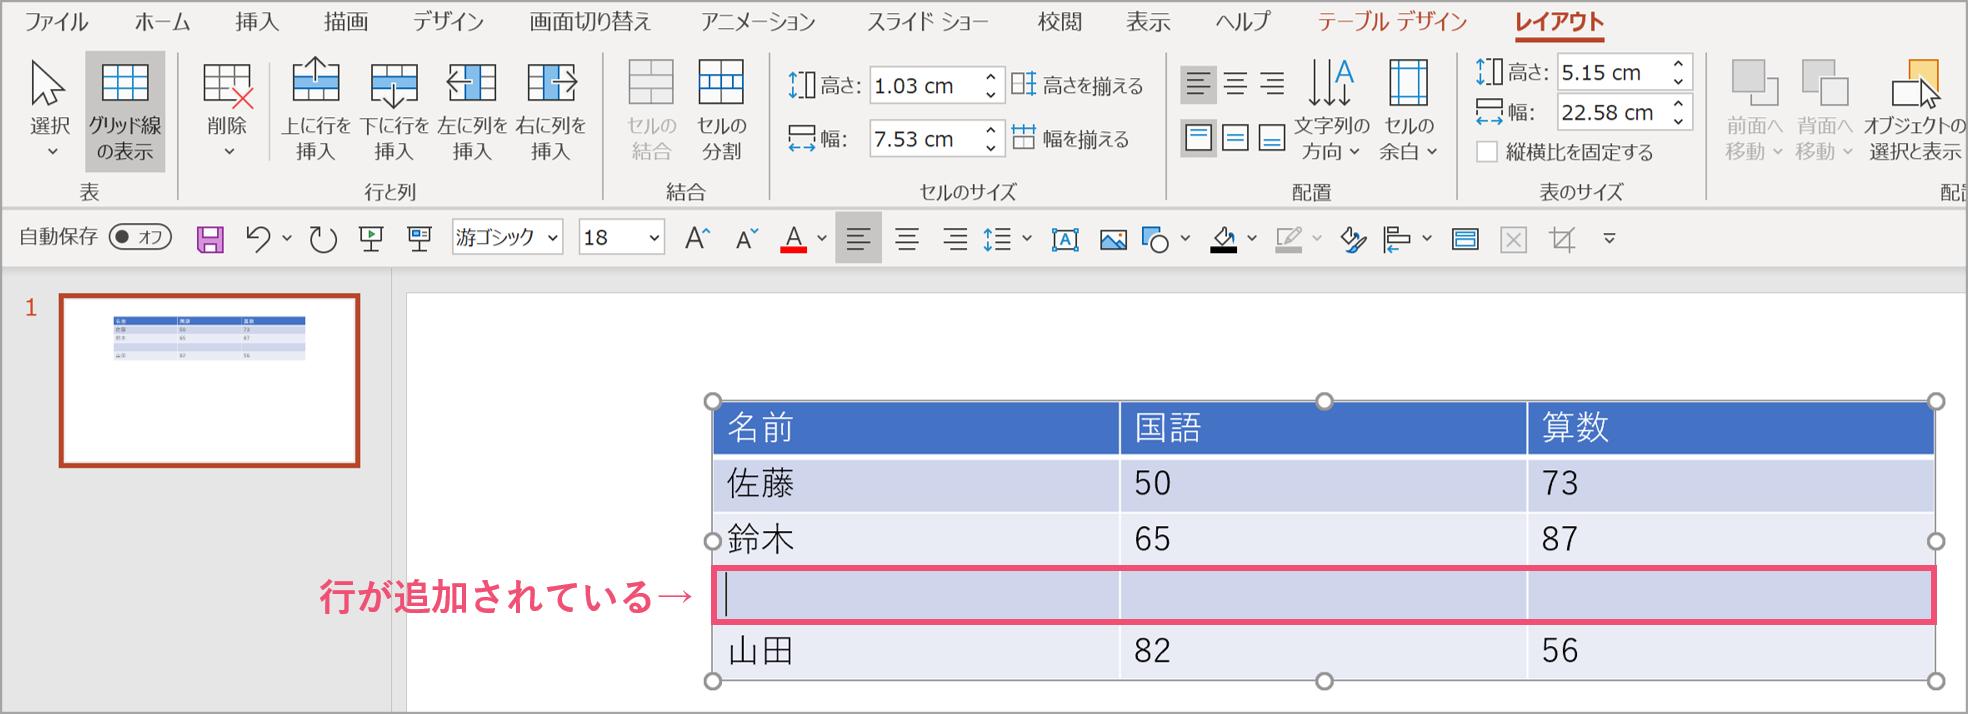 パワーポイントで表に新しい行が追加される